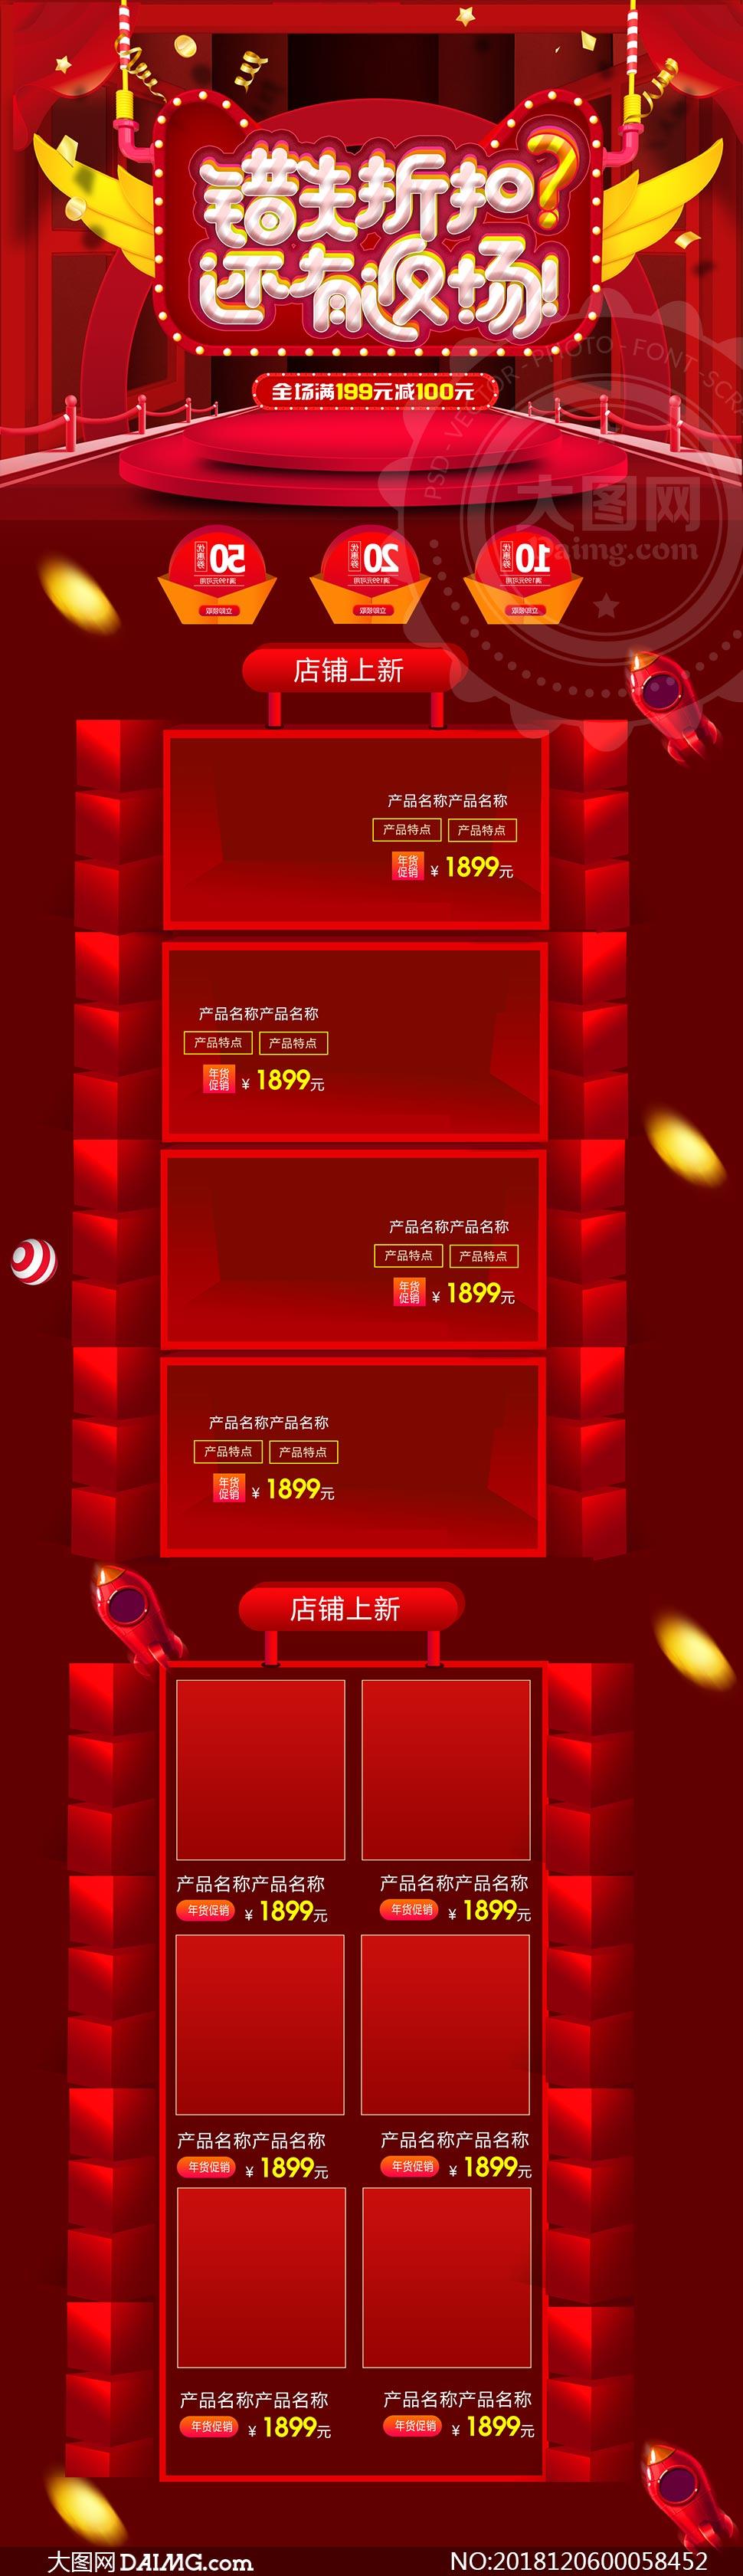 淘宝红色喜庆首页装修模板PSD素材